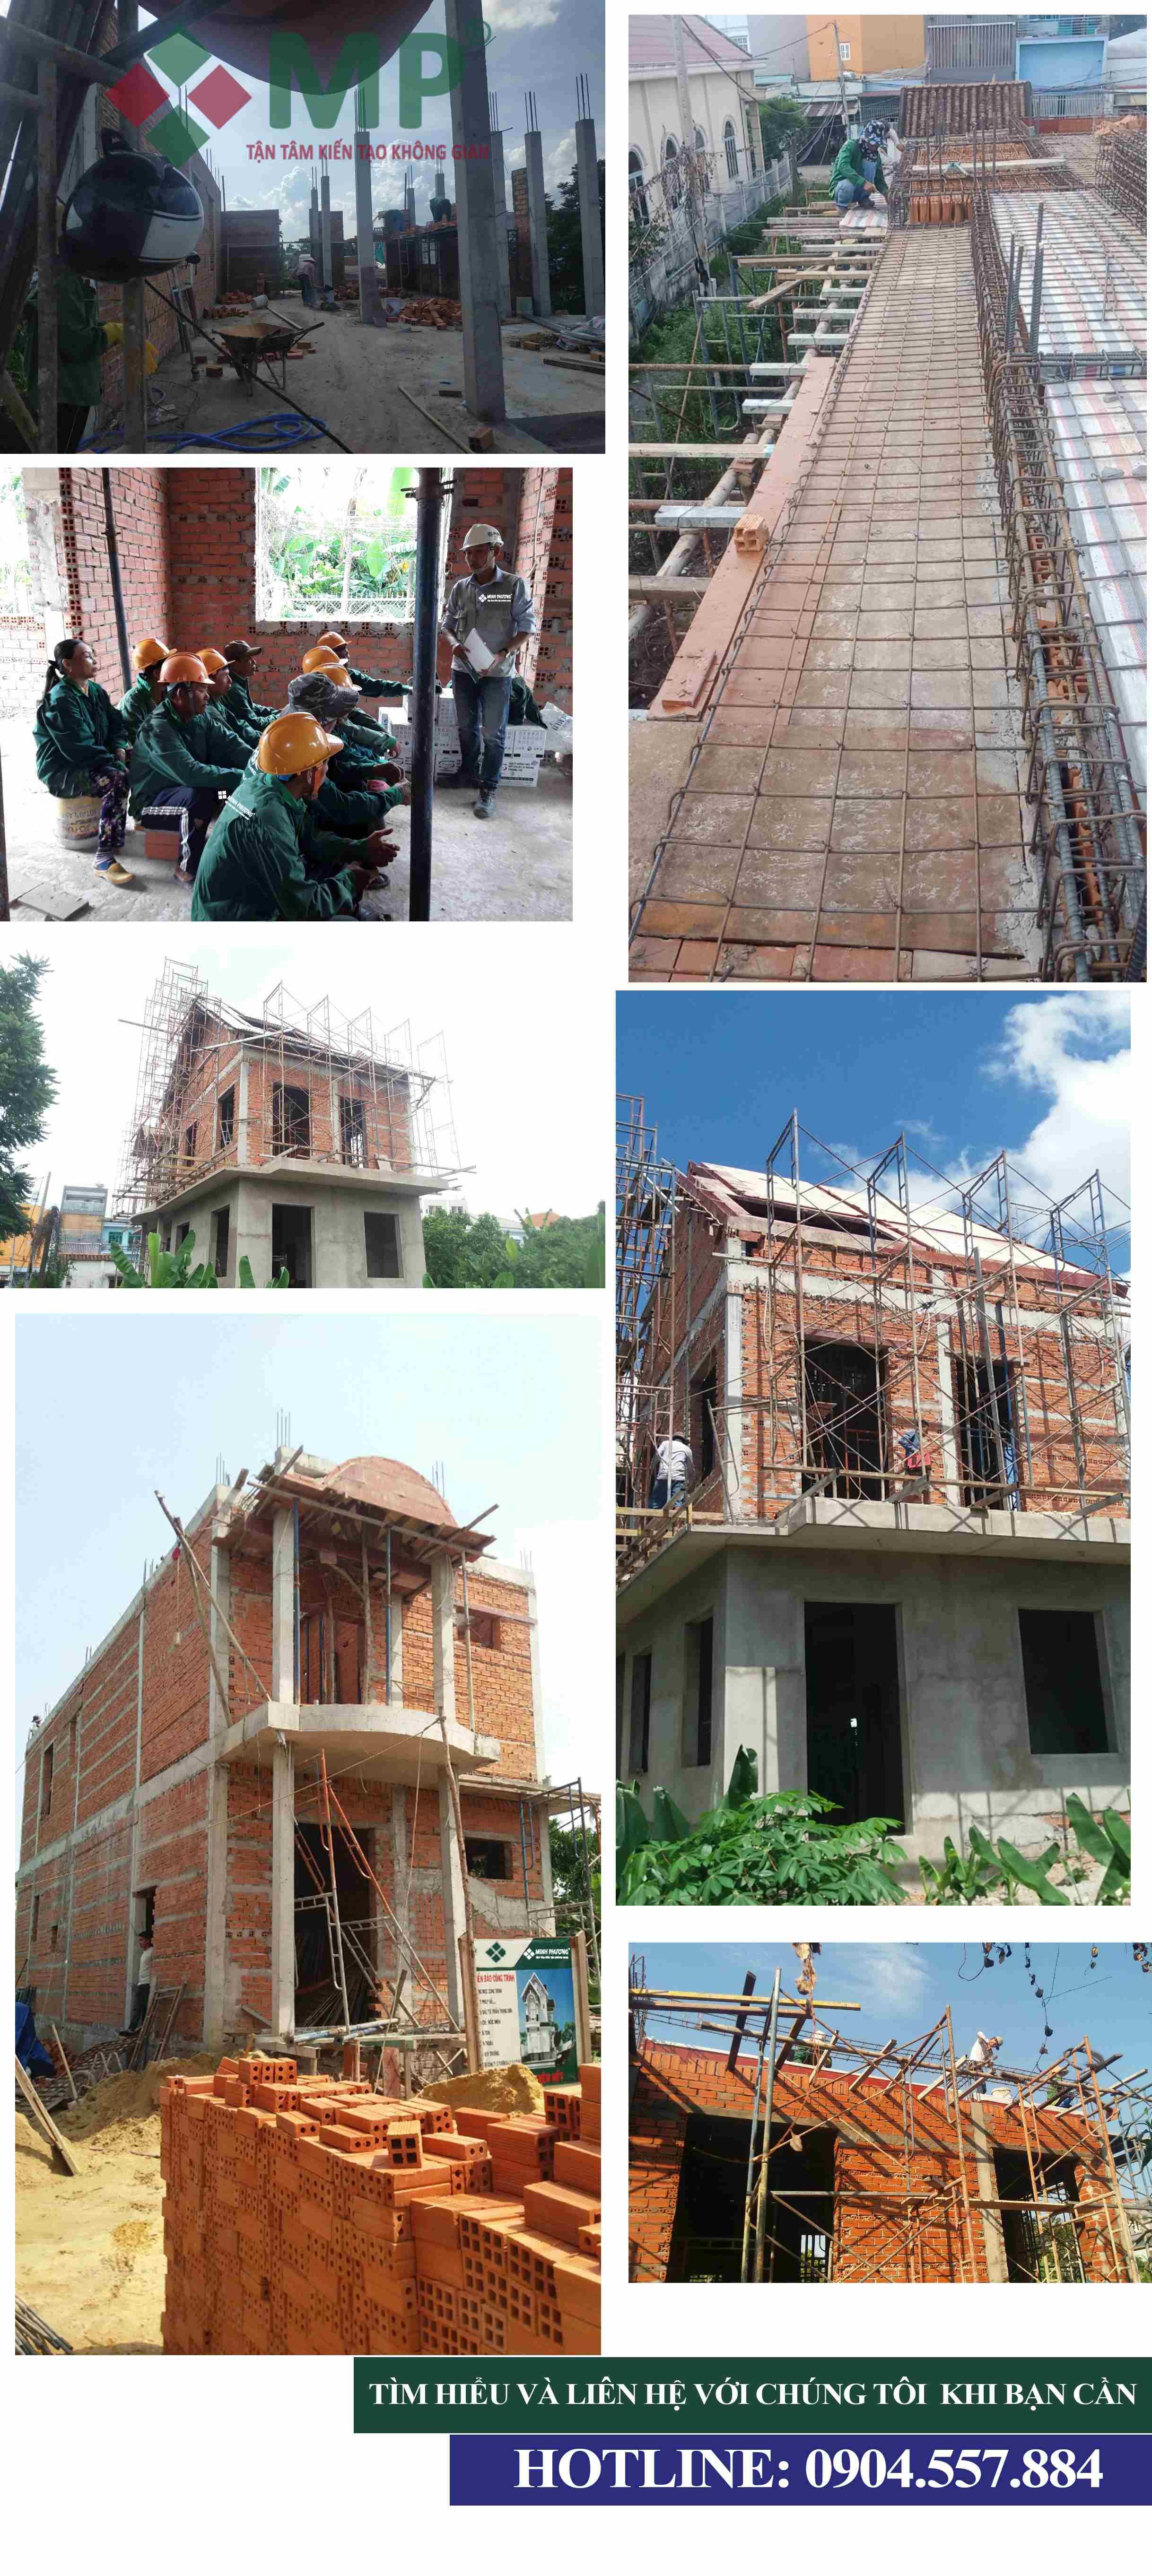 Thi công xây dựng nhà quận 11 trọn gói